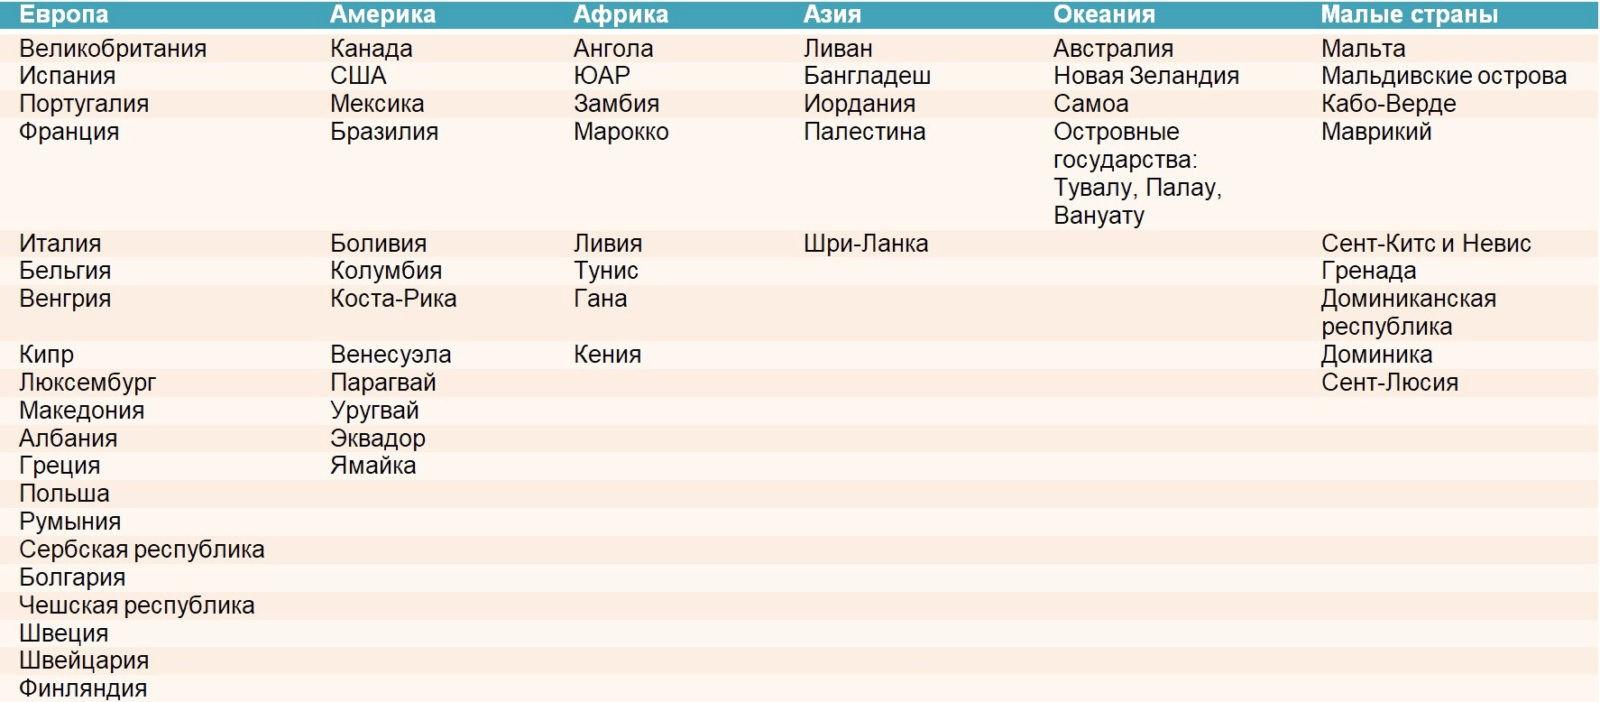 Список стран где разрешено второе гражданство